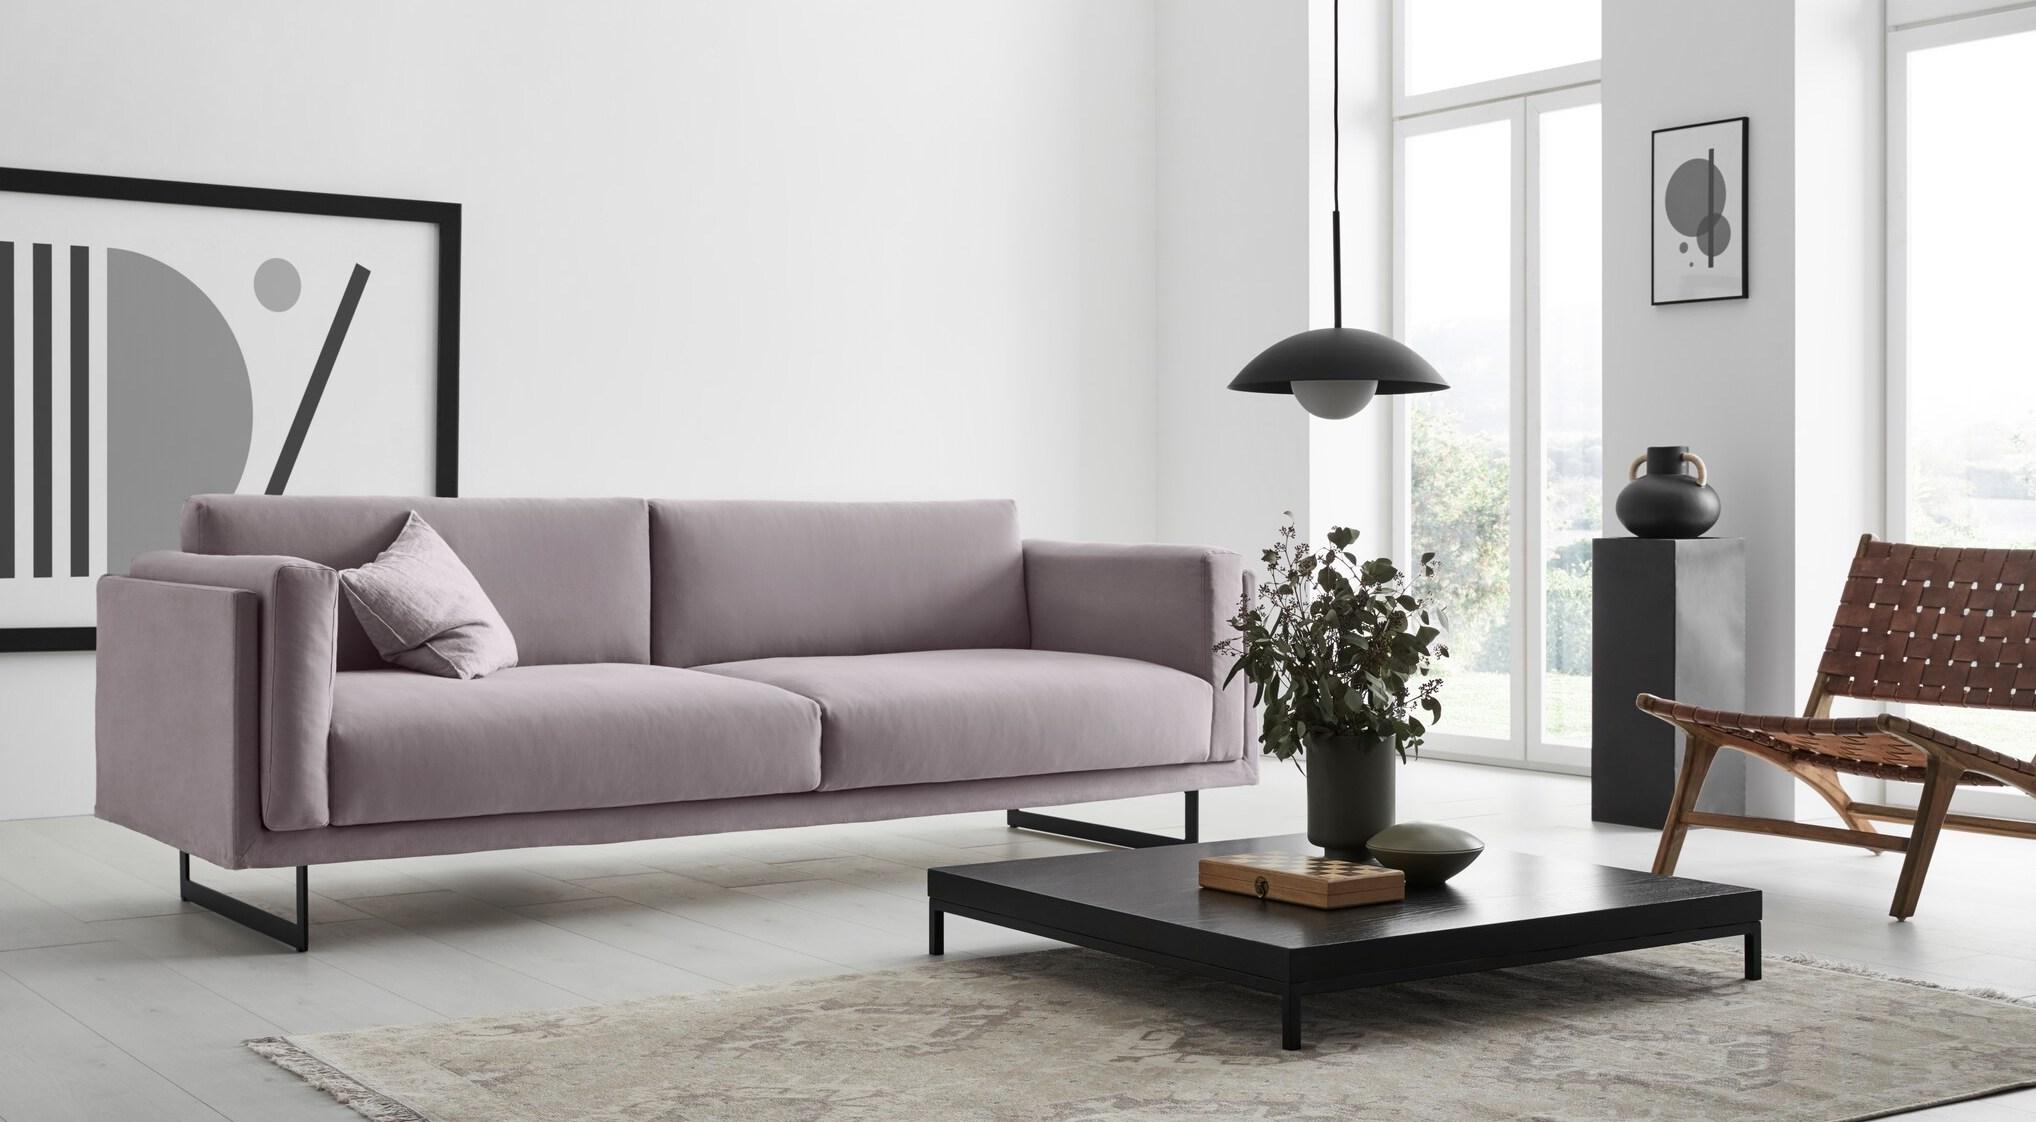 Wohntrend 2022: nachhaltige Möbel mit Stil